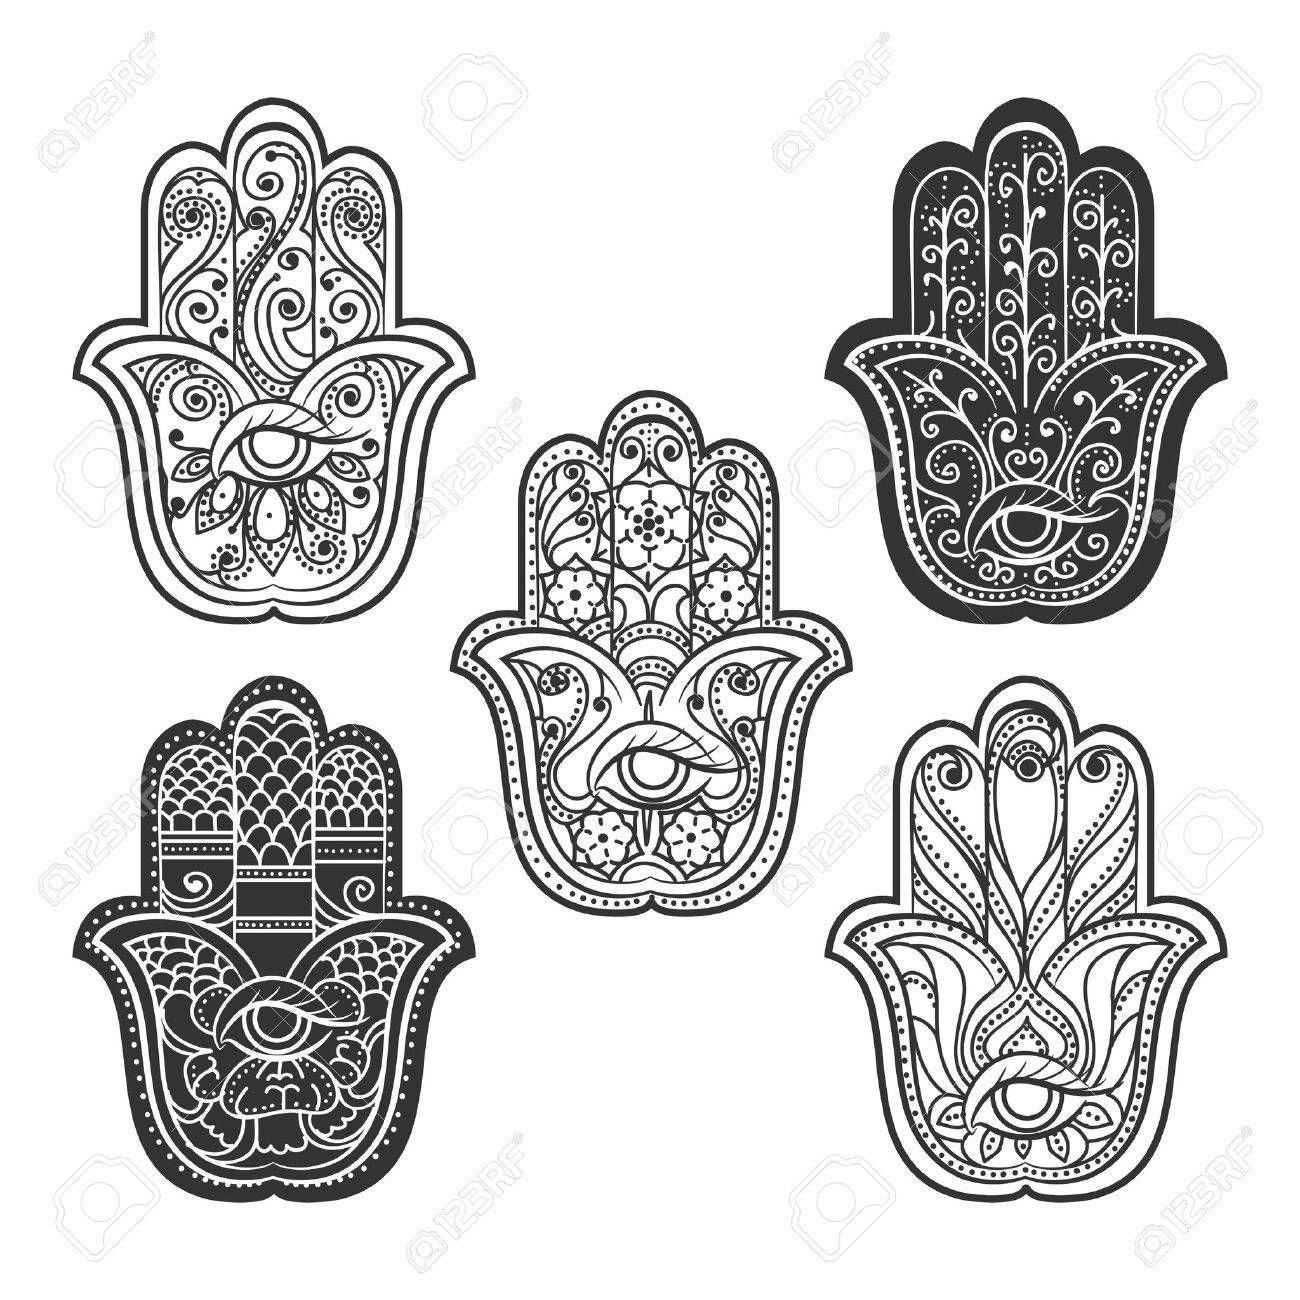 Indian Hamsa Hand Mit Auge Spiritual Ethnischen Ornament